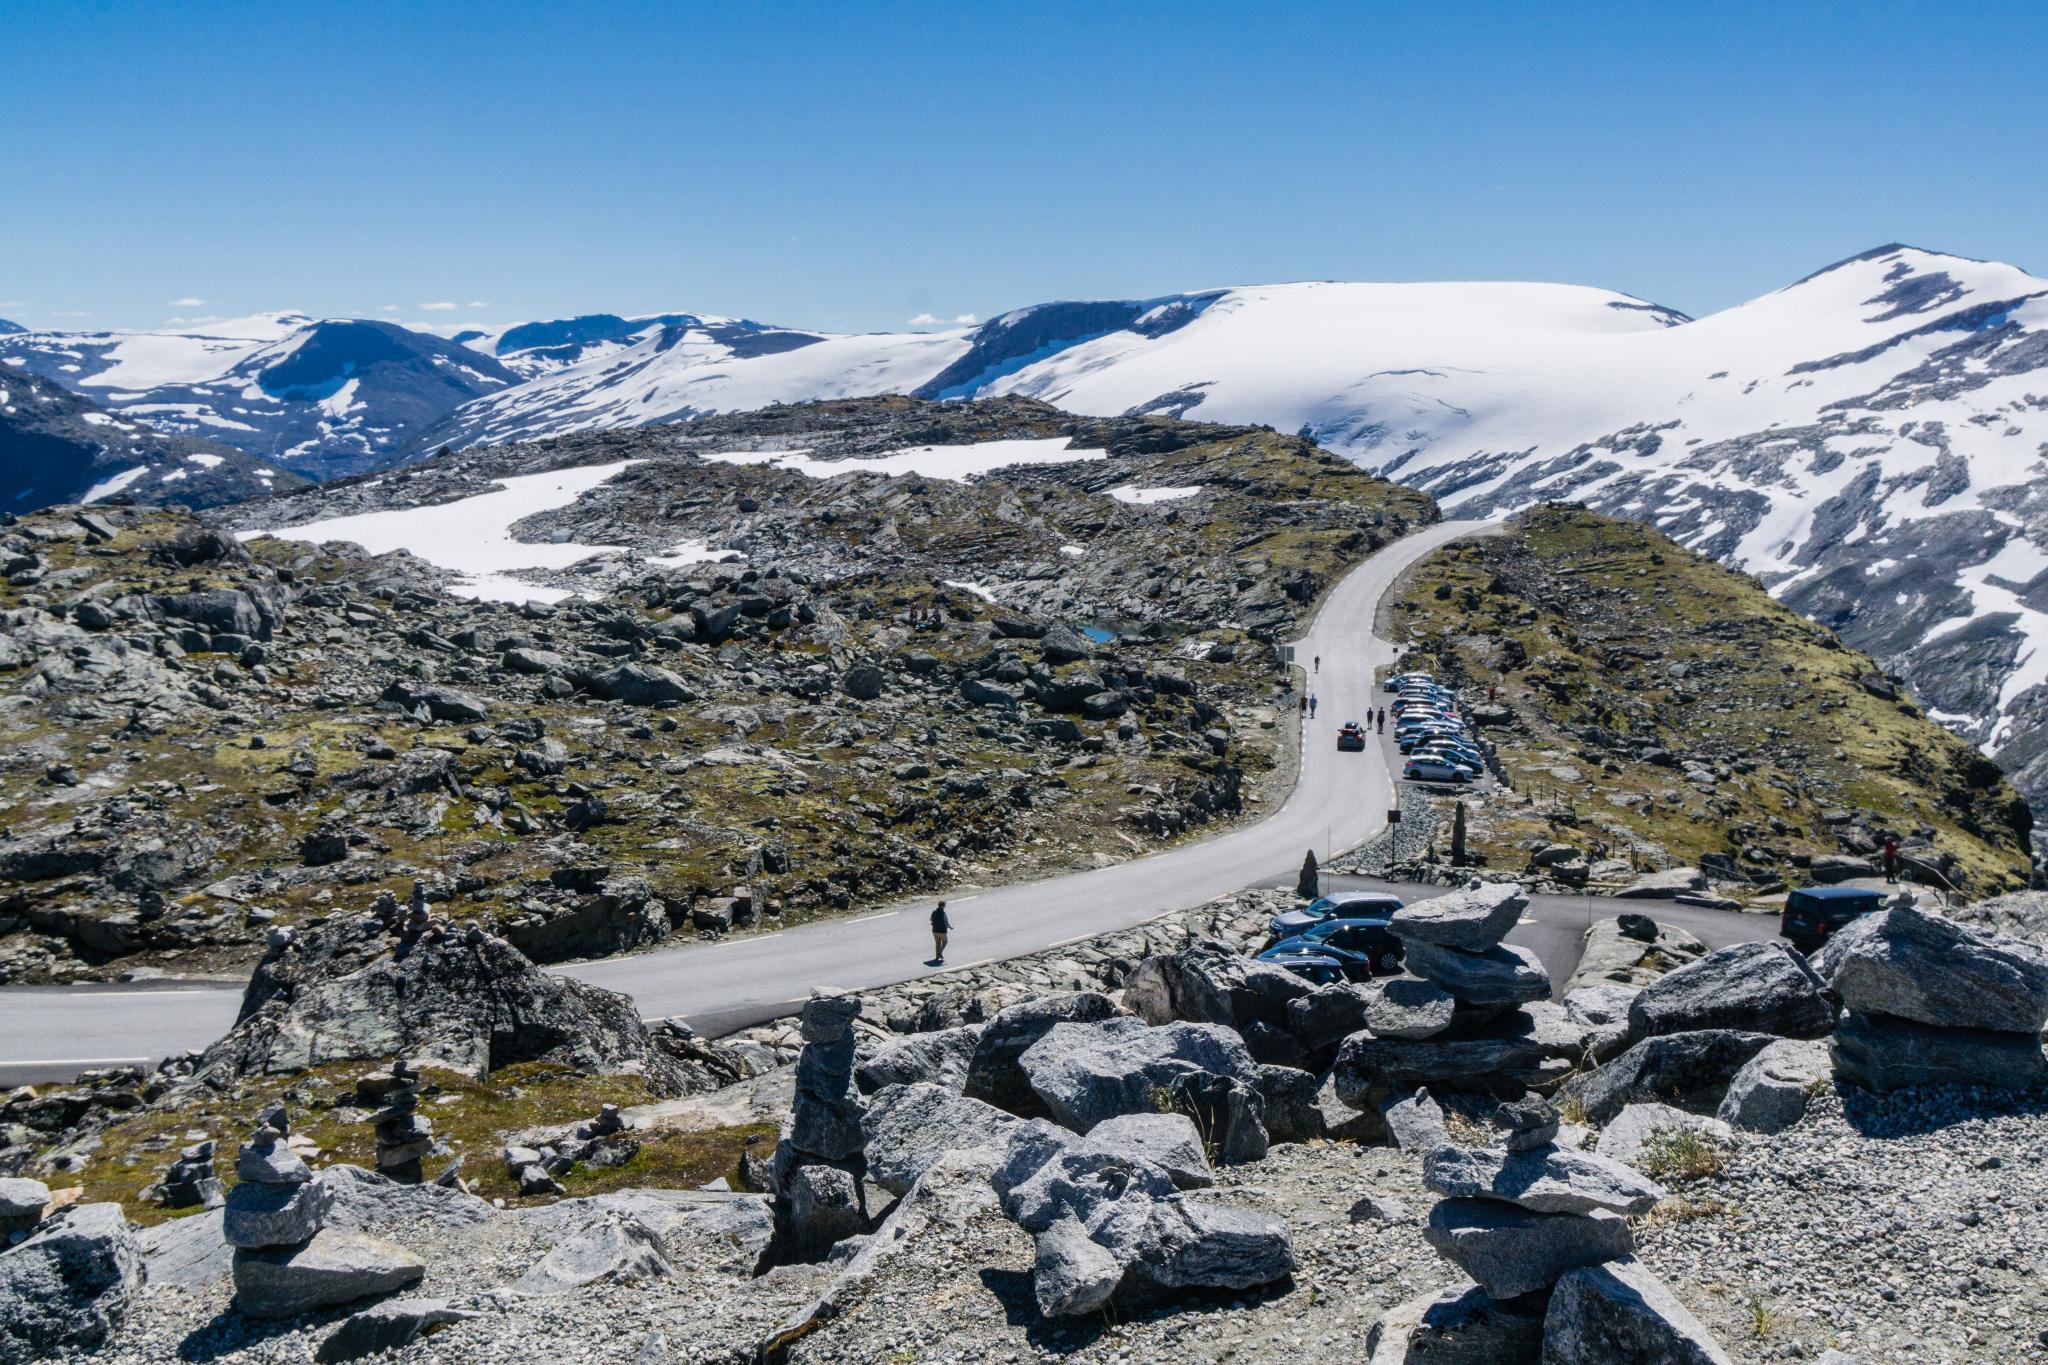 【北歐景點】歐洲最震撼的峽灣觀景台 — Dalsnibba Mountain Plateau 16